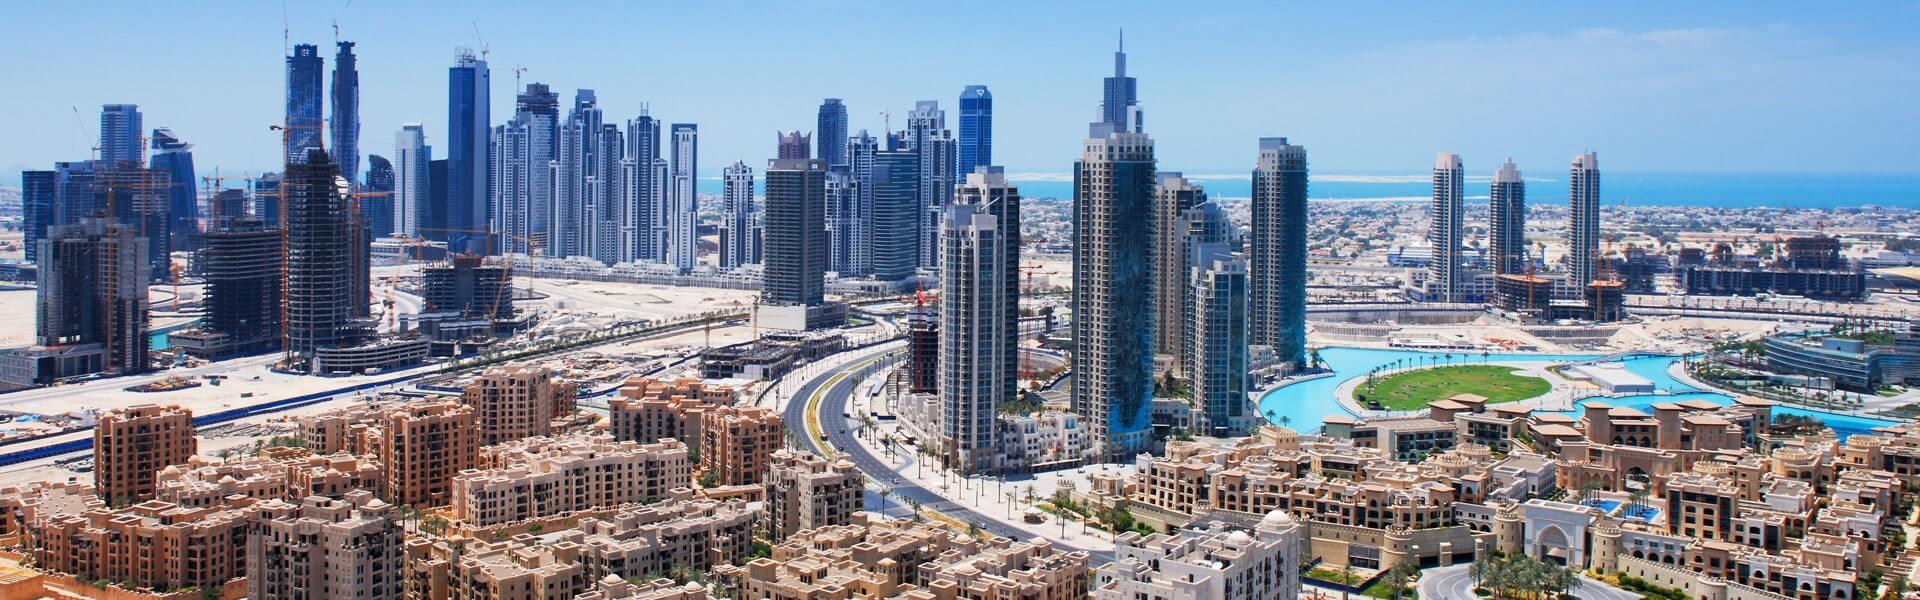 Incentive Reise nach Dubai: Die Wüsten-Metropole entdecken im Team